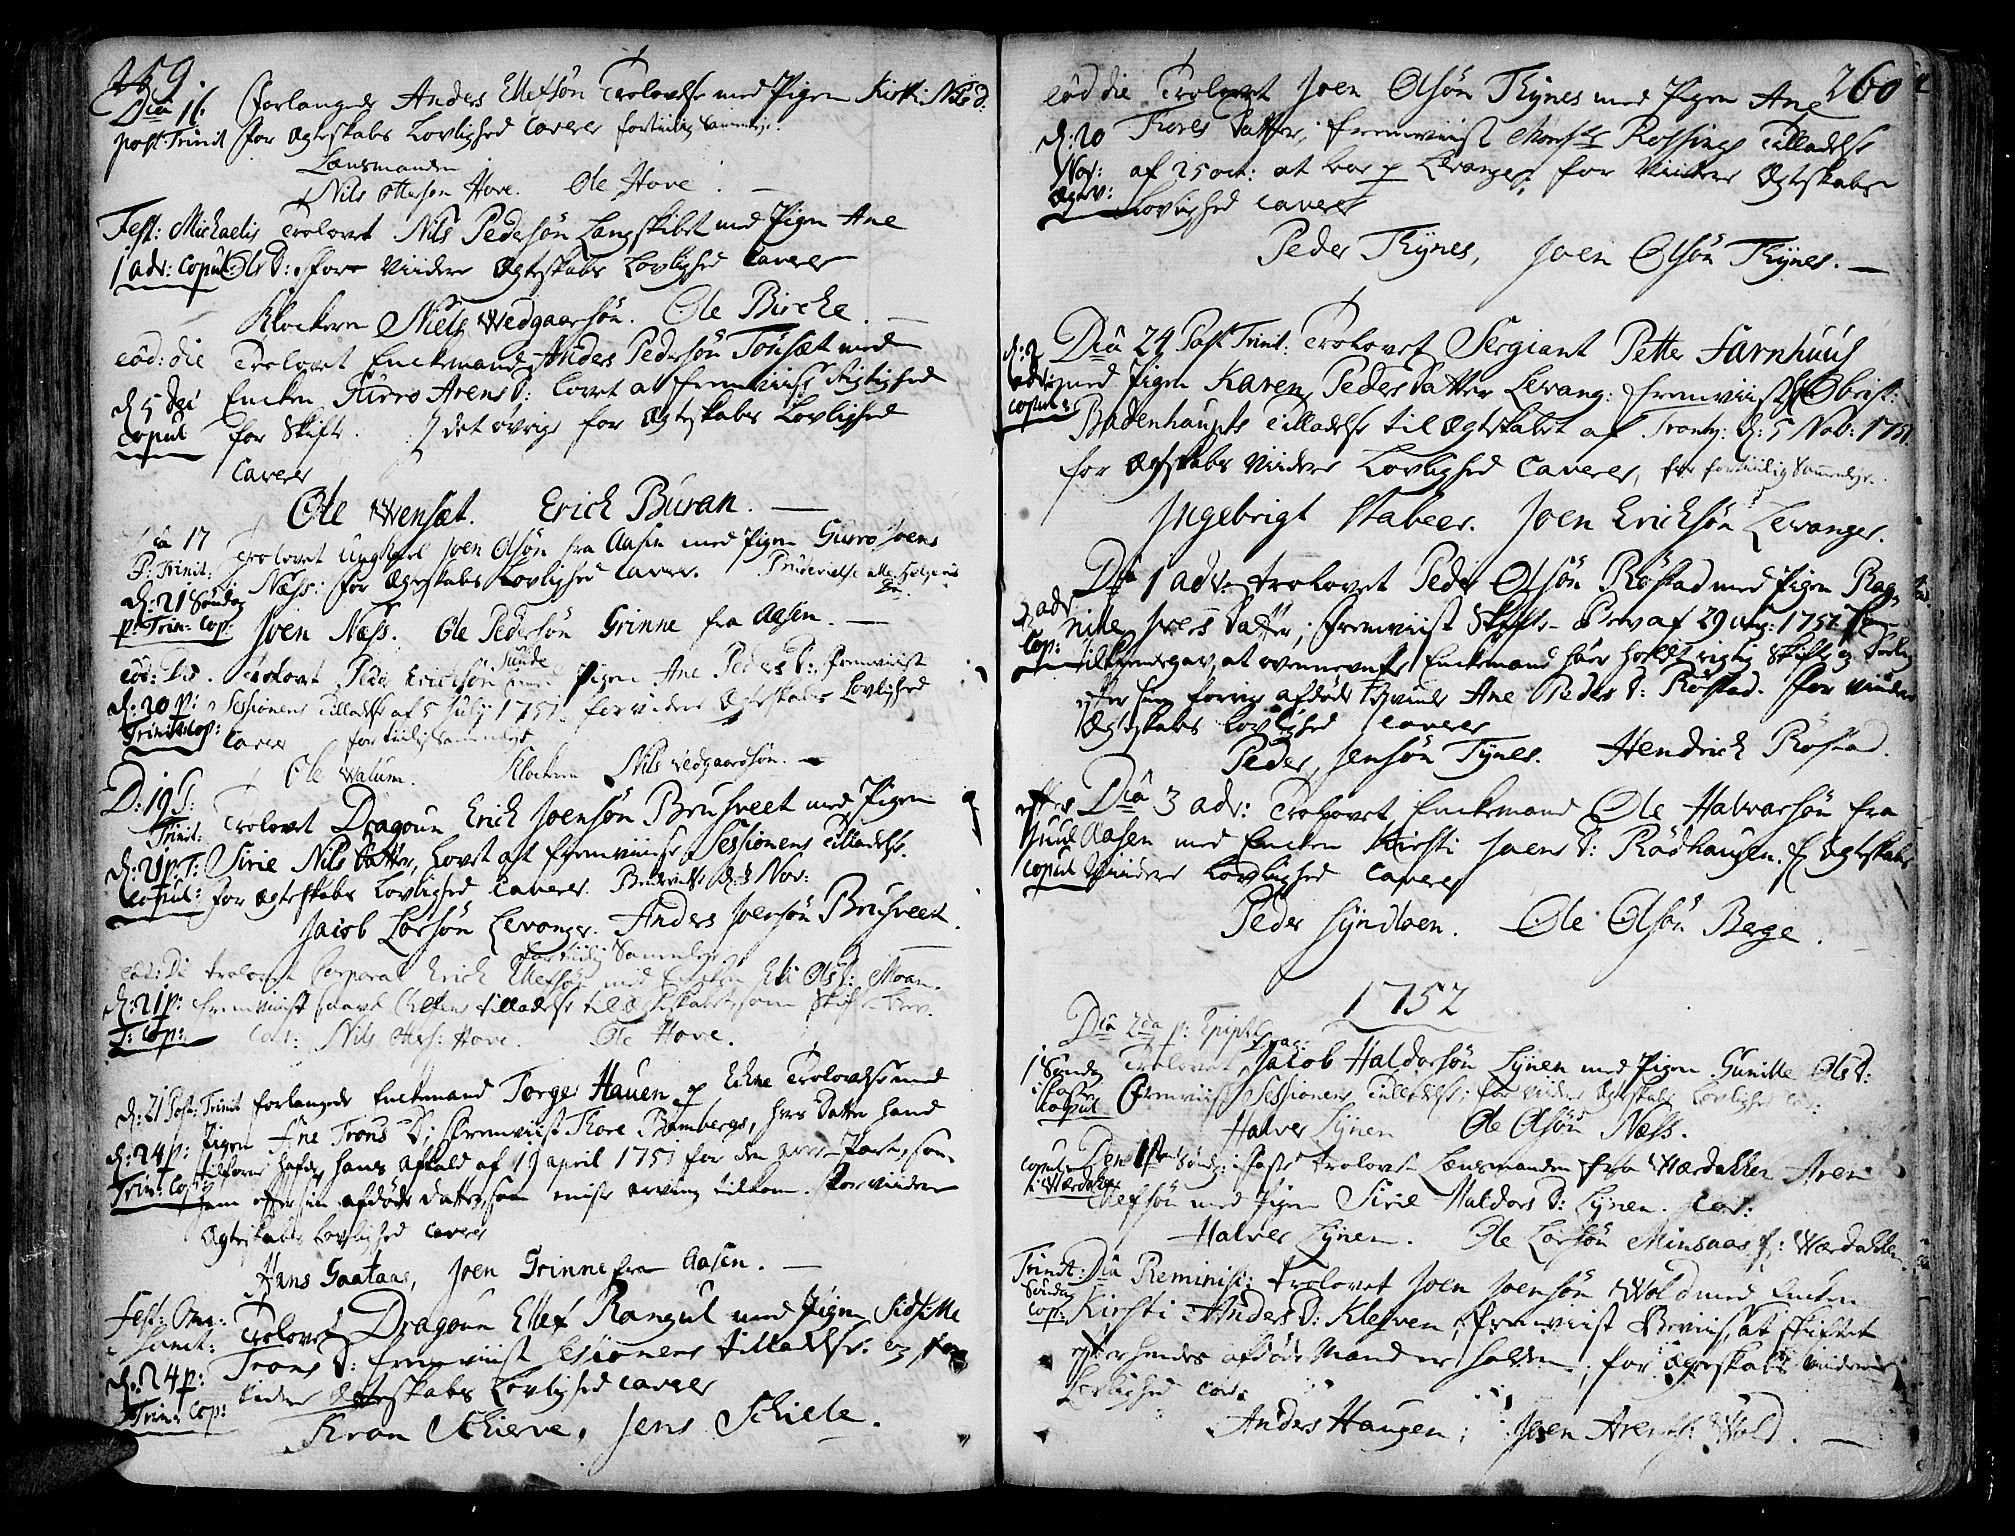 SAT, Ministerialprotokoller, klokkerbøker og fødselsregistre - Nord-Trøndelag, 717/L0141: Ministerialbok nr. 717A01, 1747-1803, s. 259-260